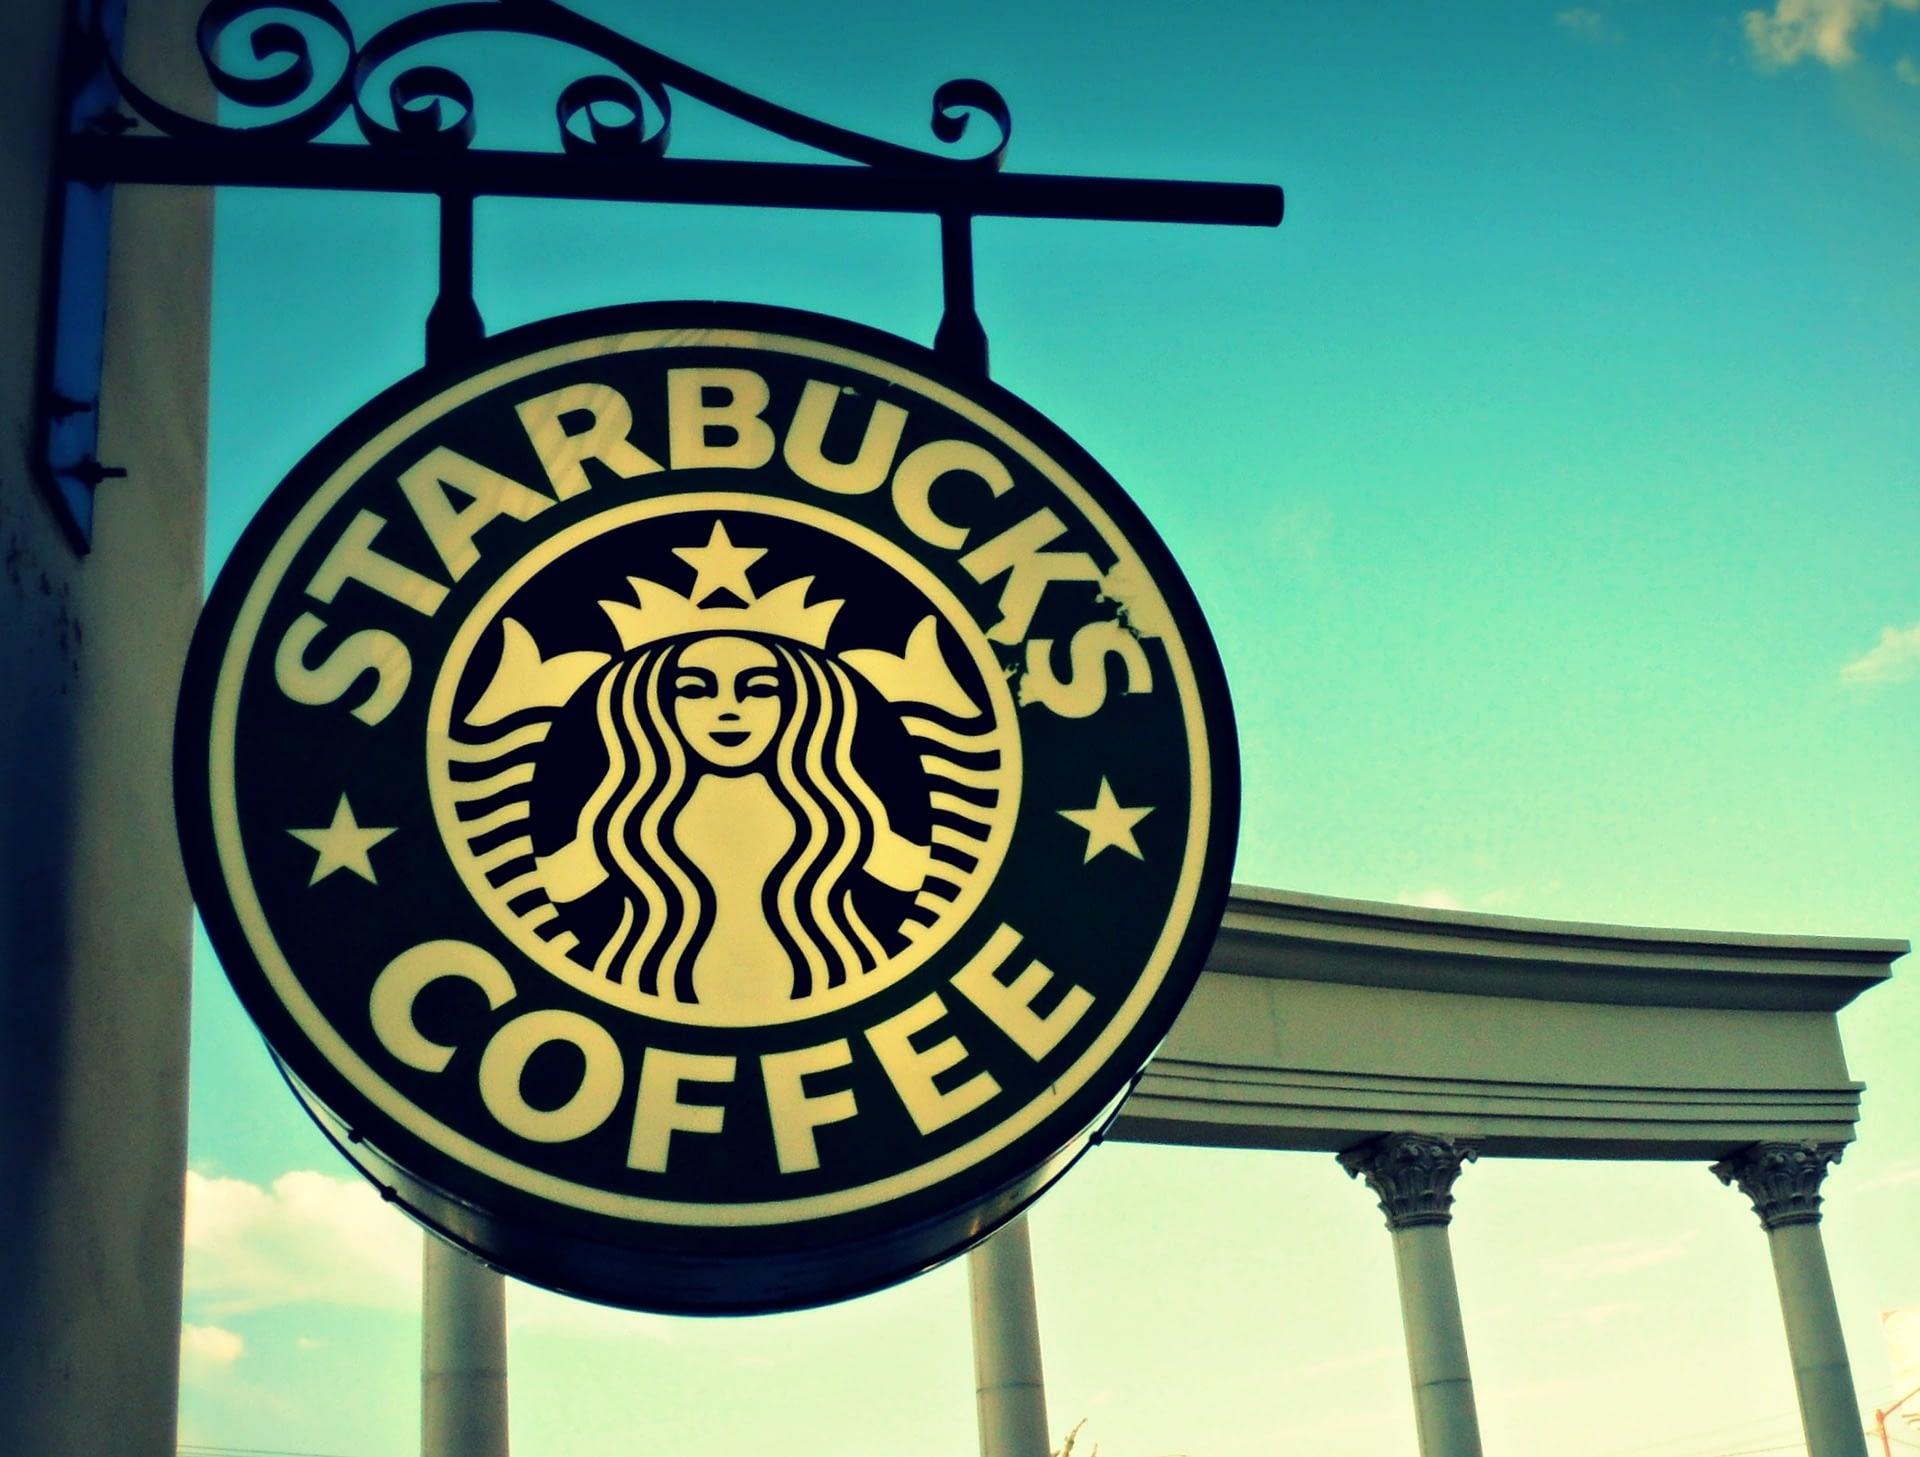 The logo of Starbucks